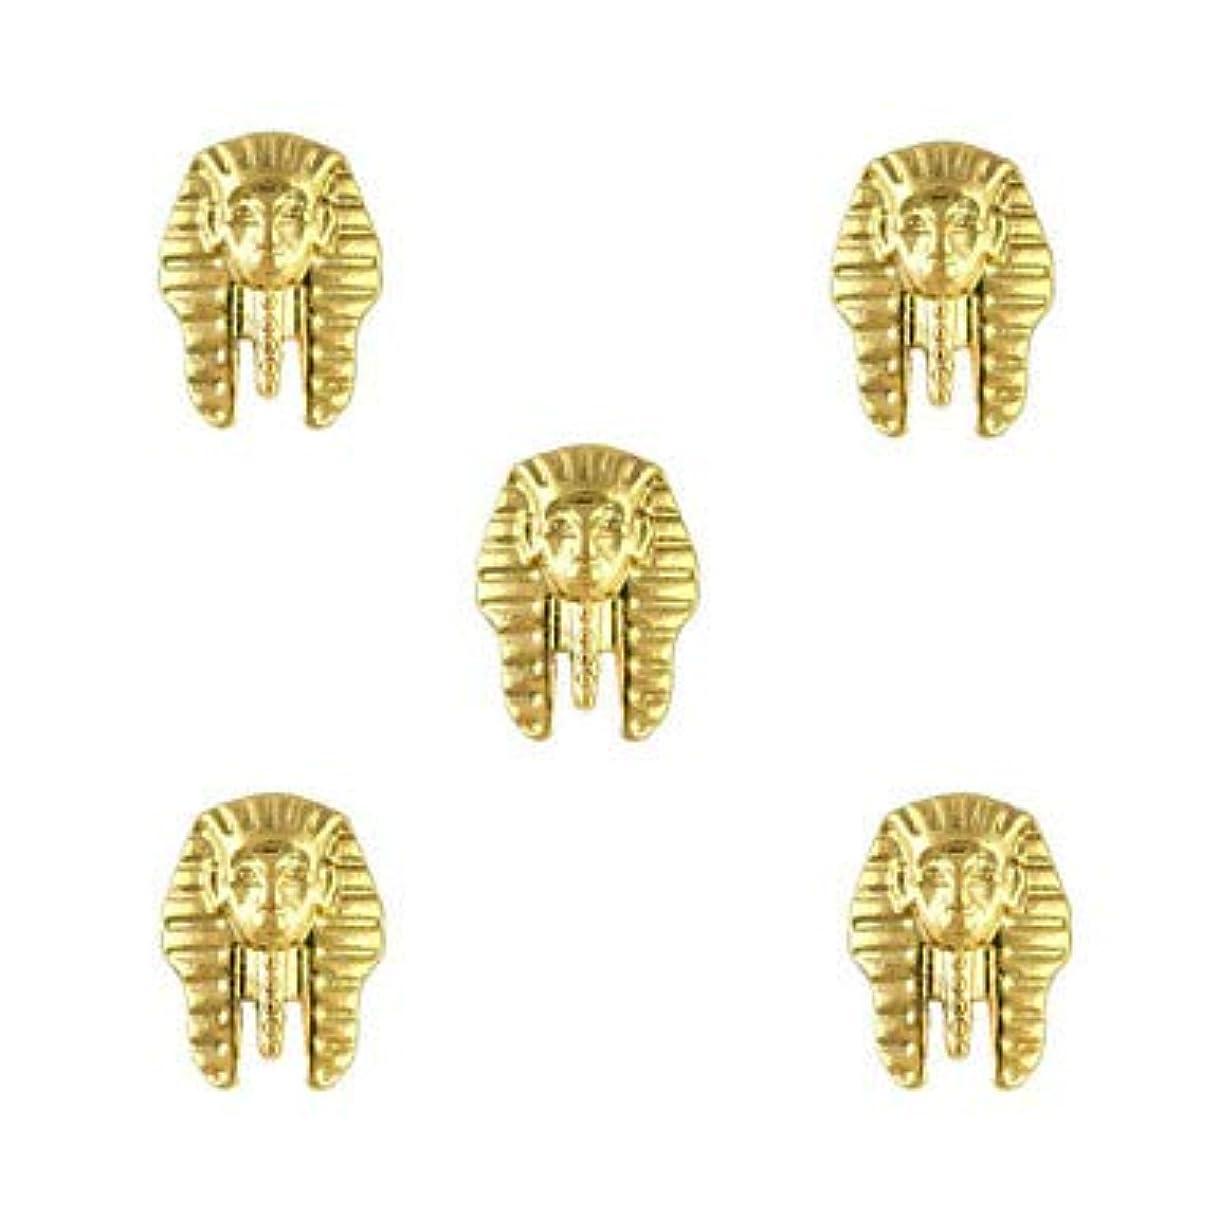 タンカー以来コピー指のつま先のための金属のエジプトパターンのマニキュアの宝石類の宝石類